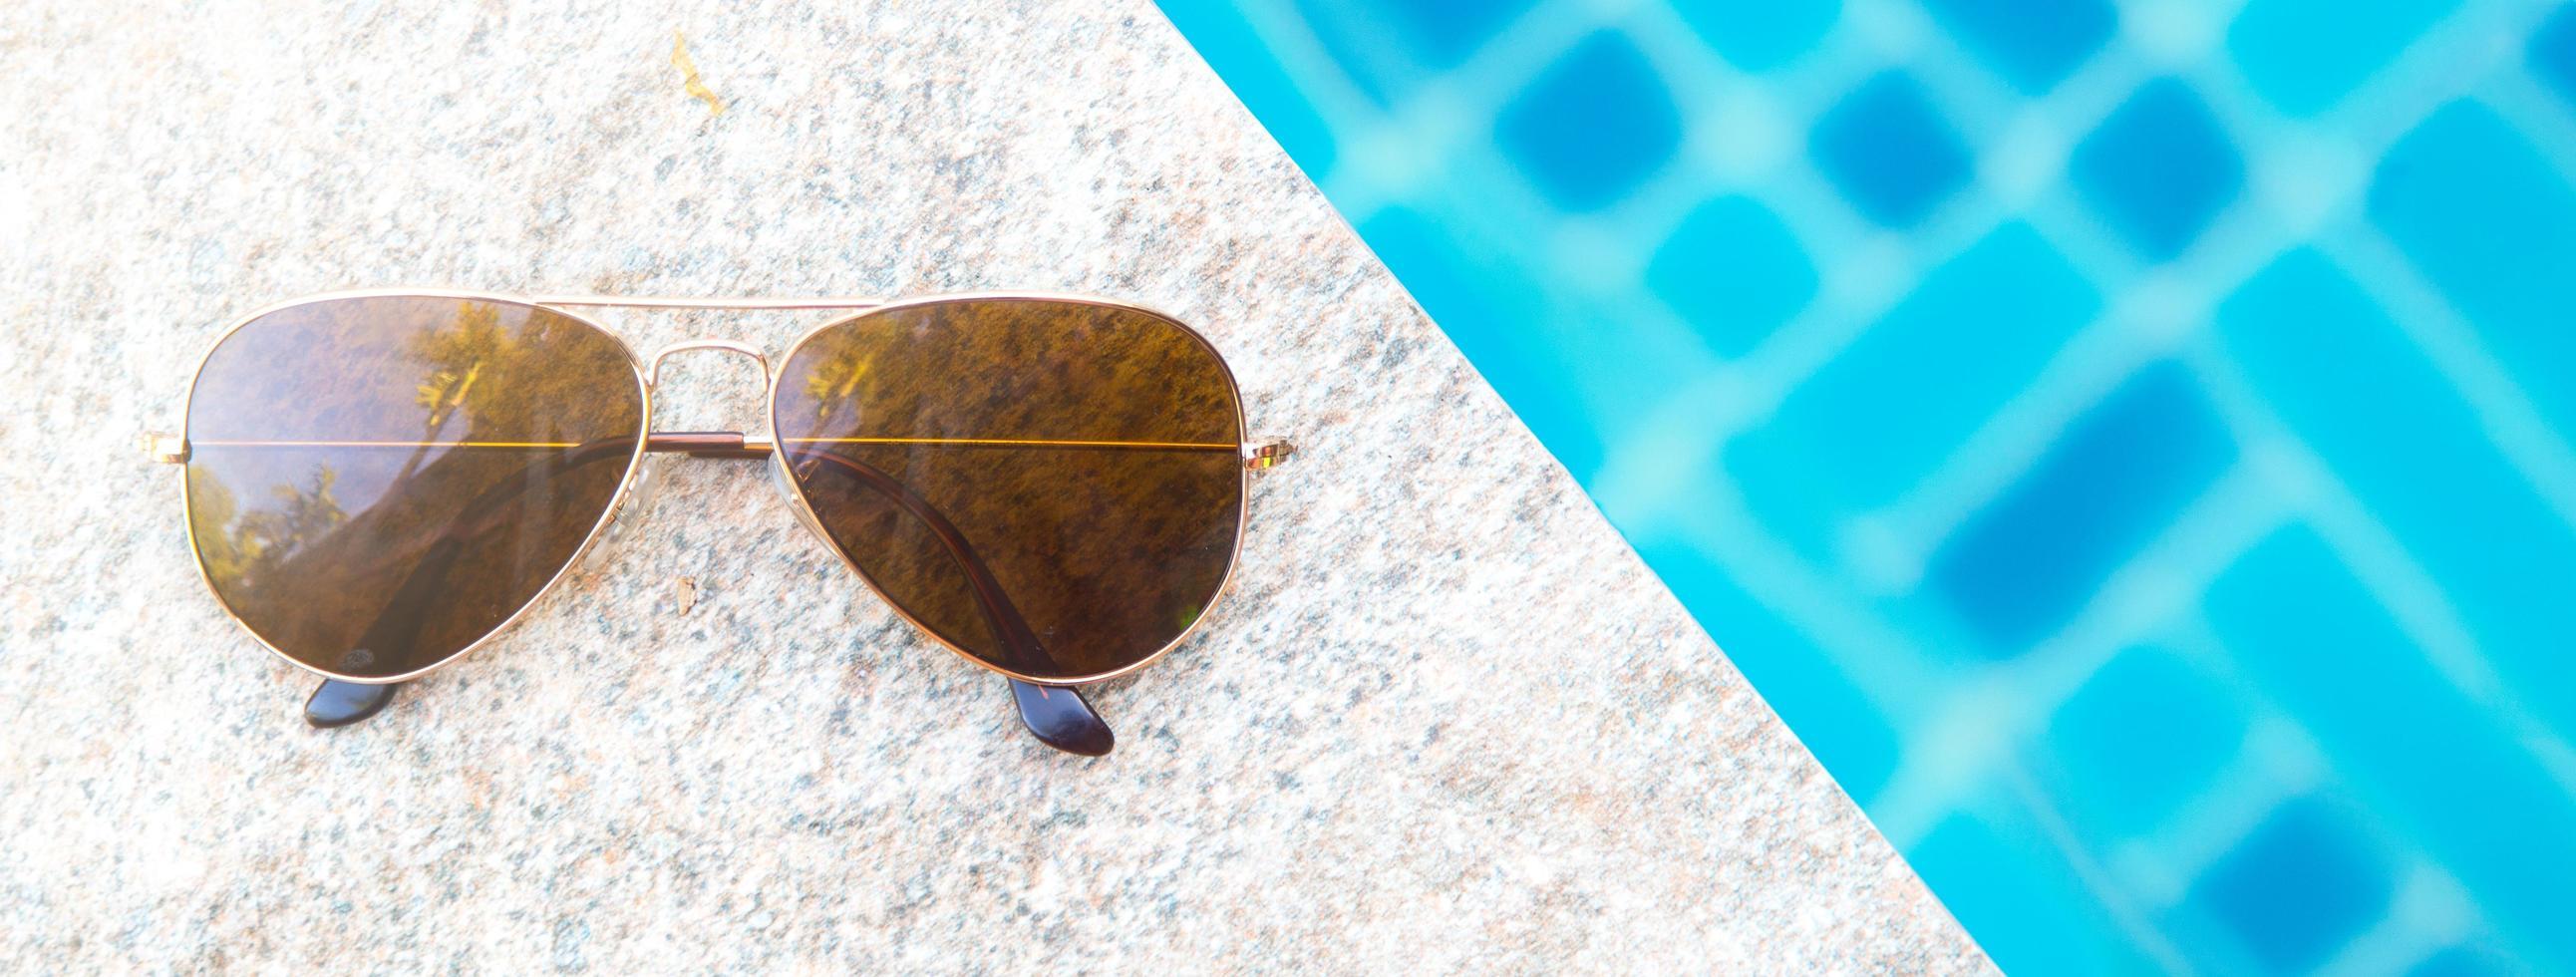 bovenaanzicht van zonnebril op zwembad foto